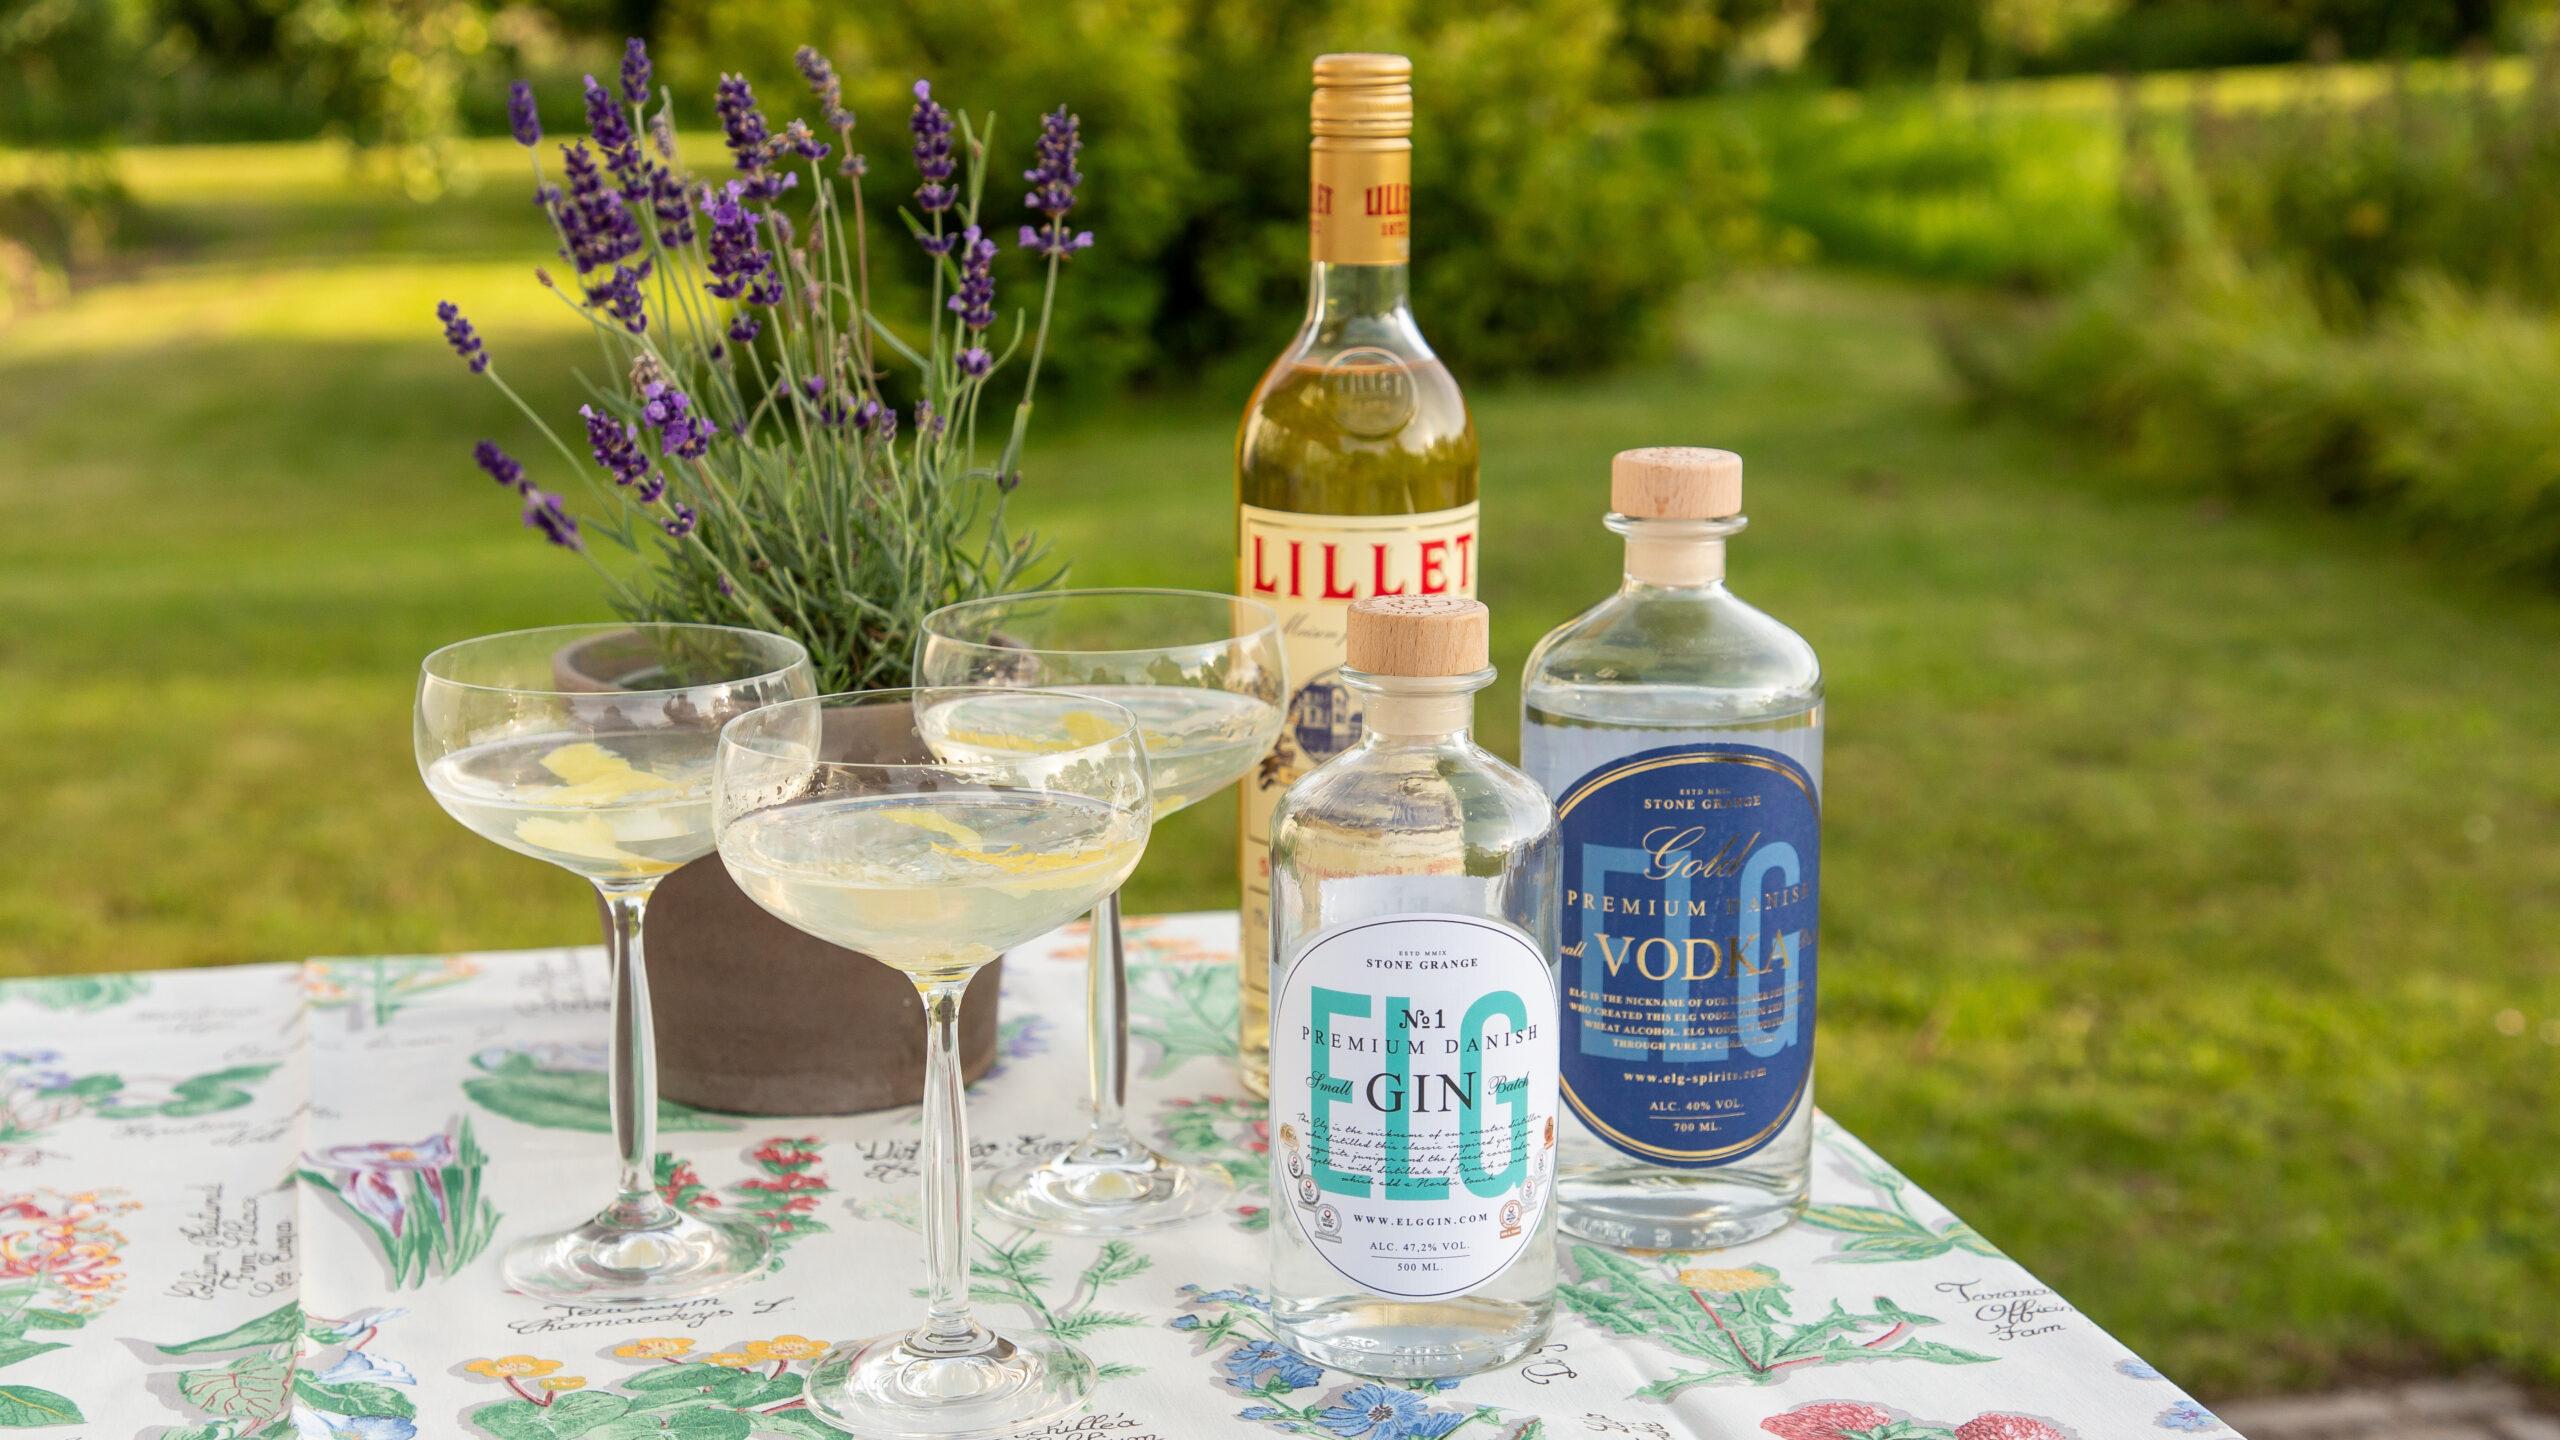 The ultimative Bond drink – Vodka Martini, eller en Vesper Martini naturligvis baseret på danske produkter